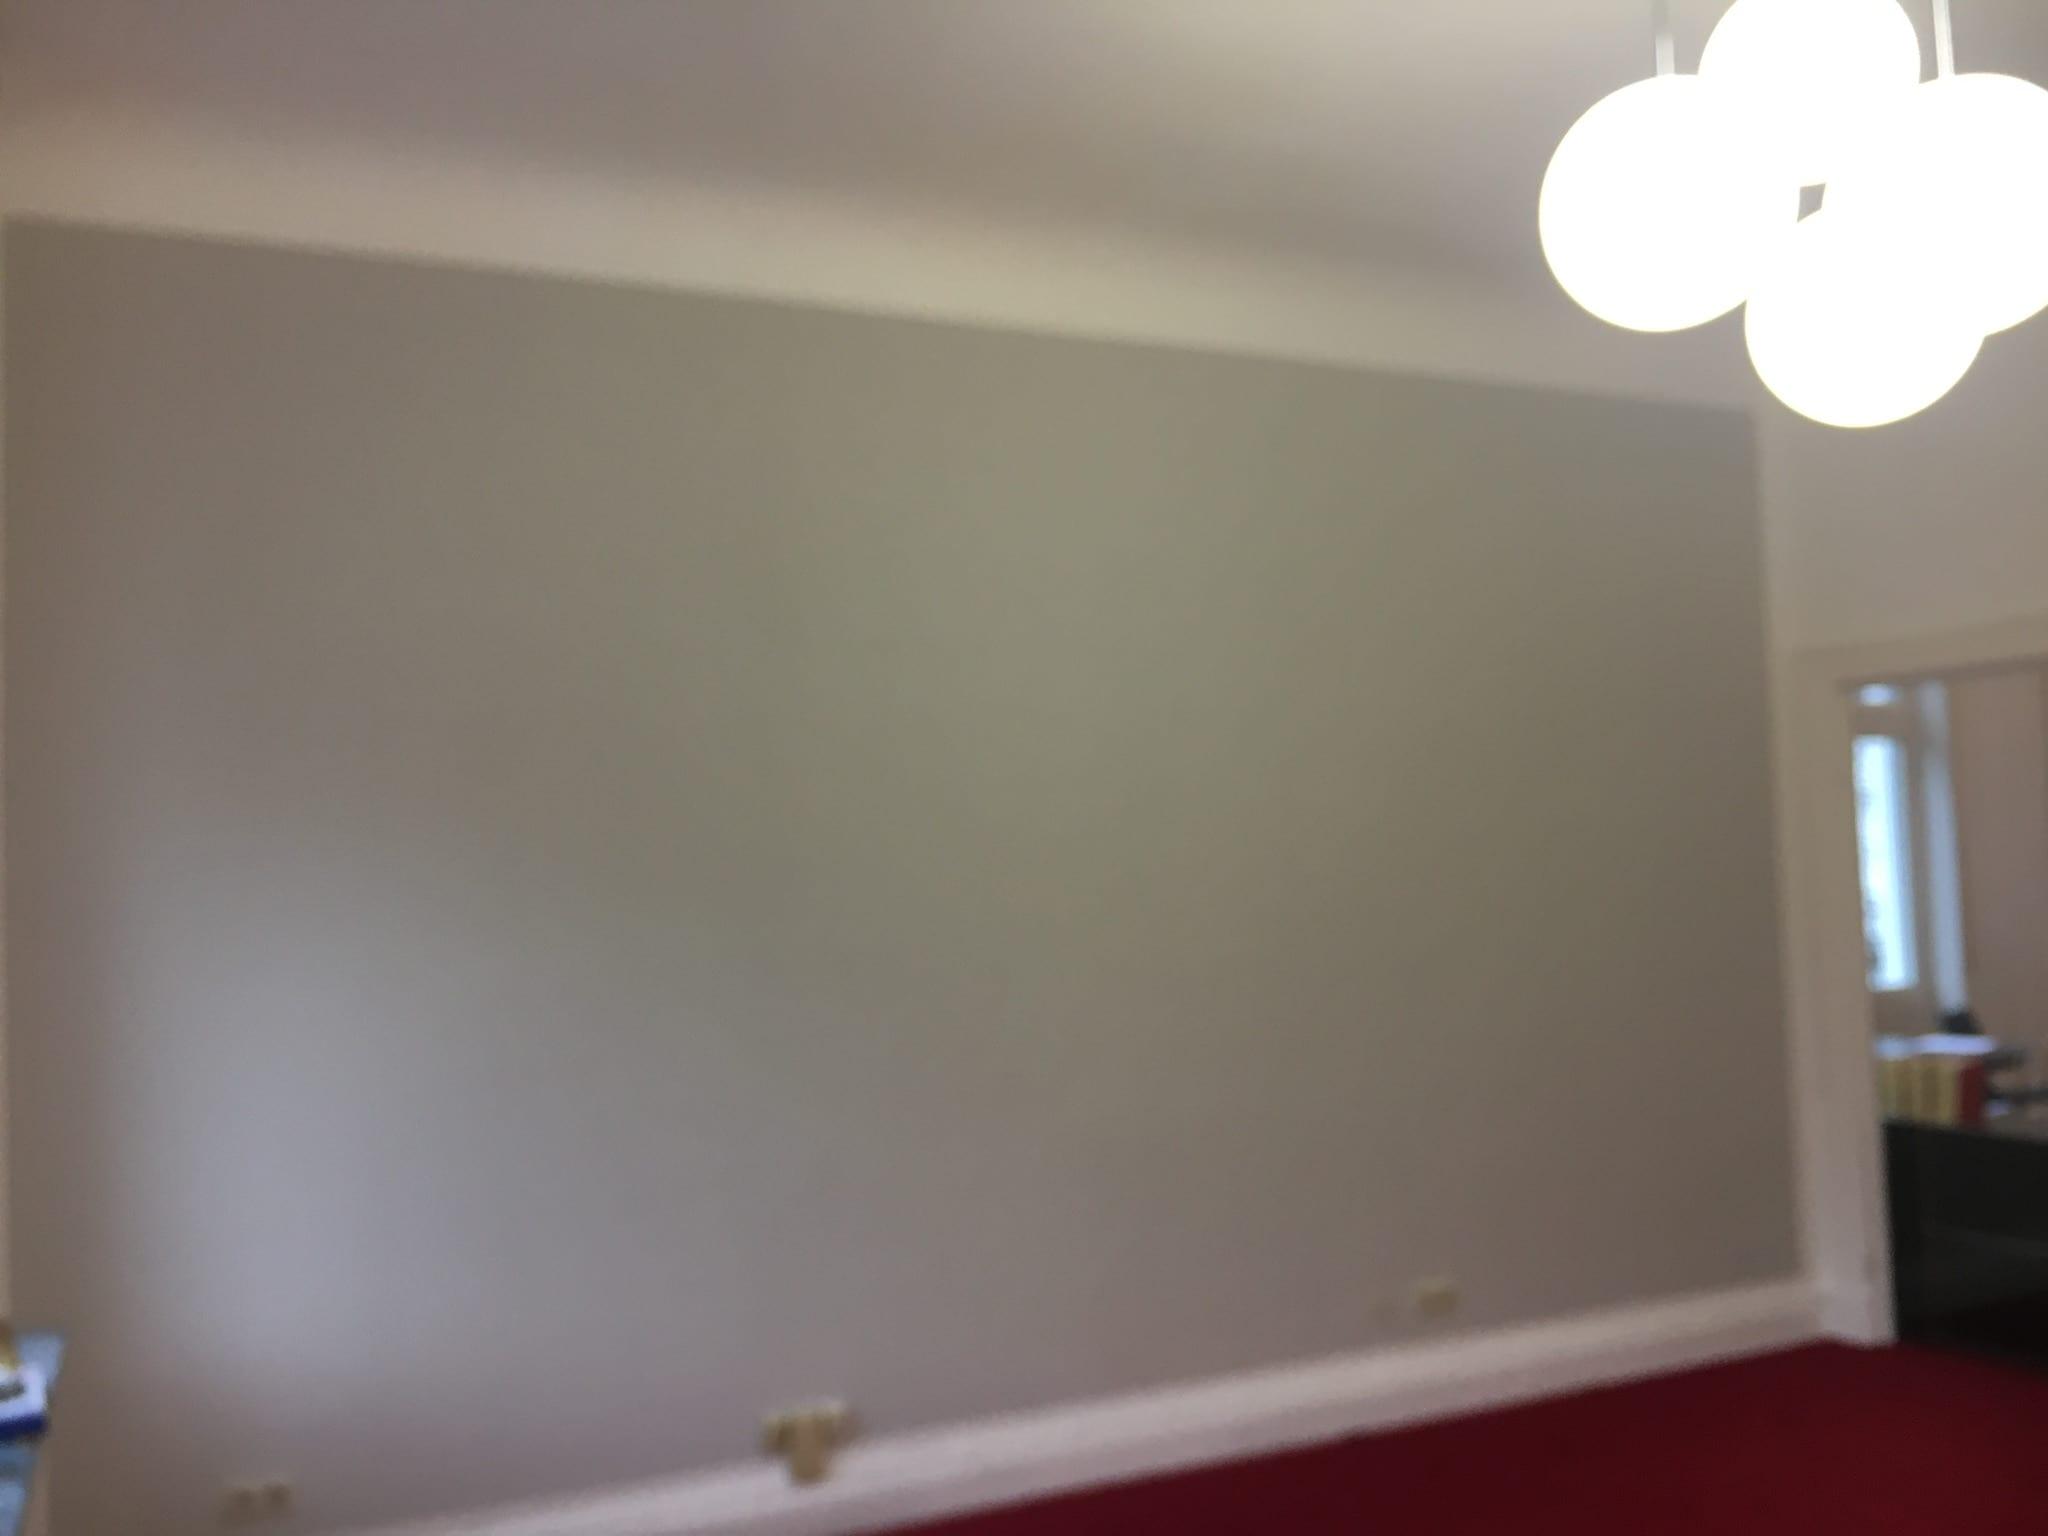 Zimmer In Grau Anstrich